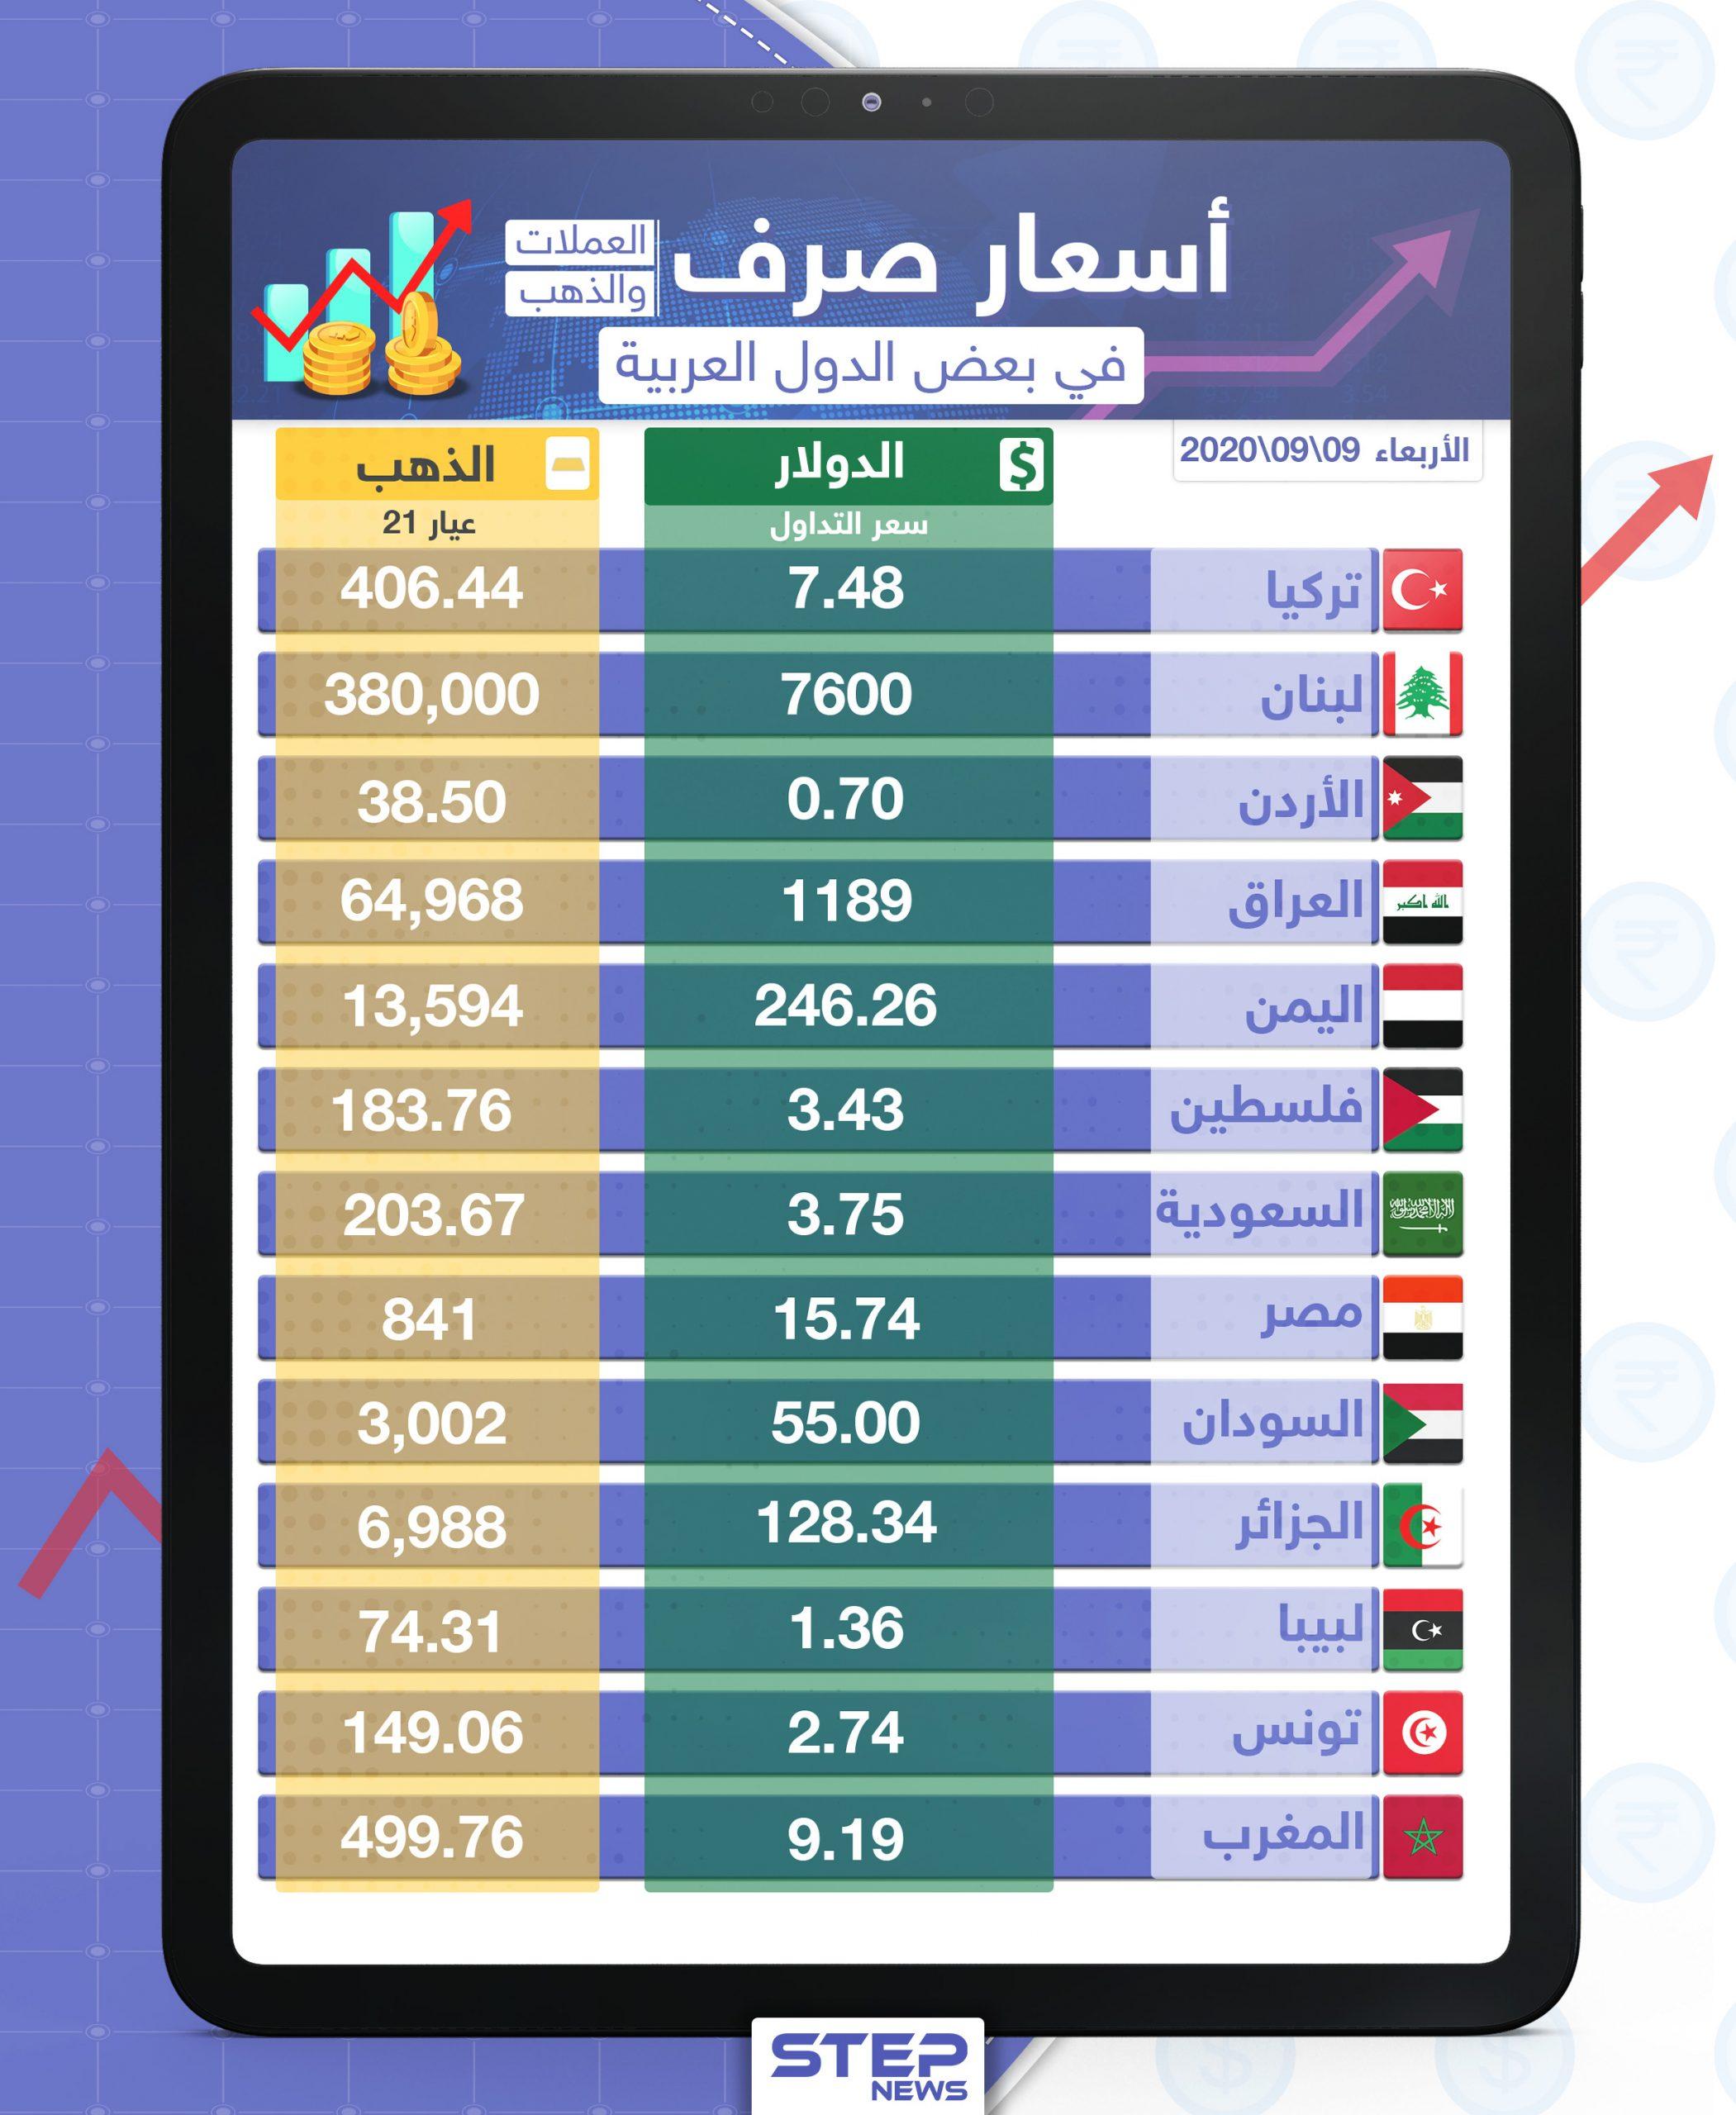 أسعار الذهب والعملات للدول العربية وتركيا اليوم الأربعاء الموافق 09 آيلول 2020